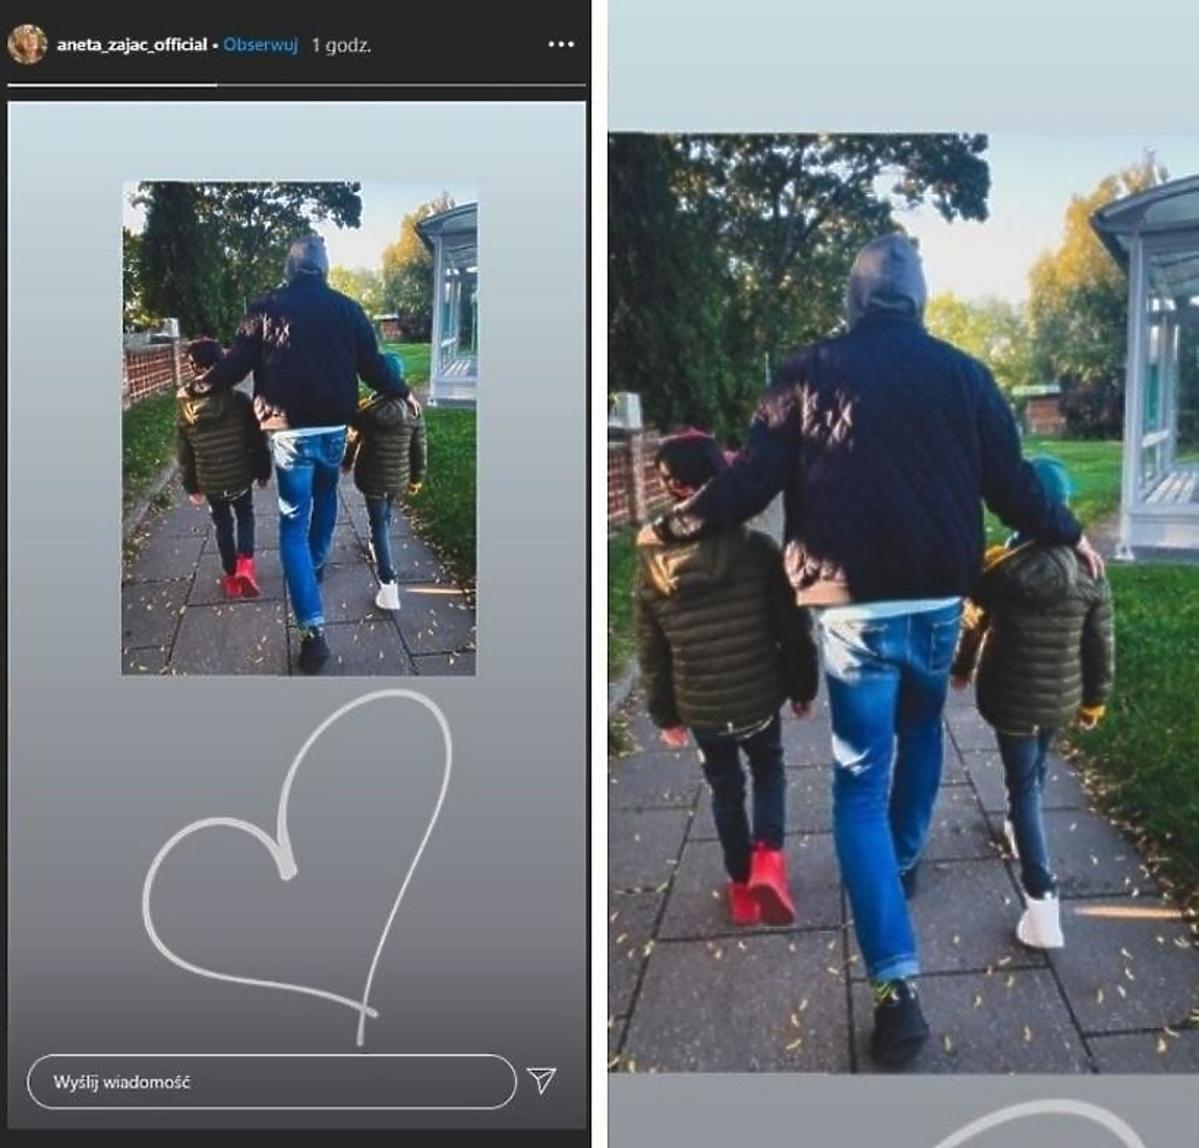 Aneta Zając pokazała partnera na spacerze z synami